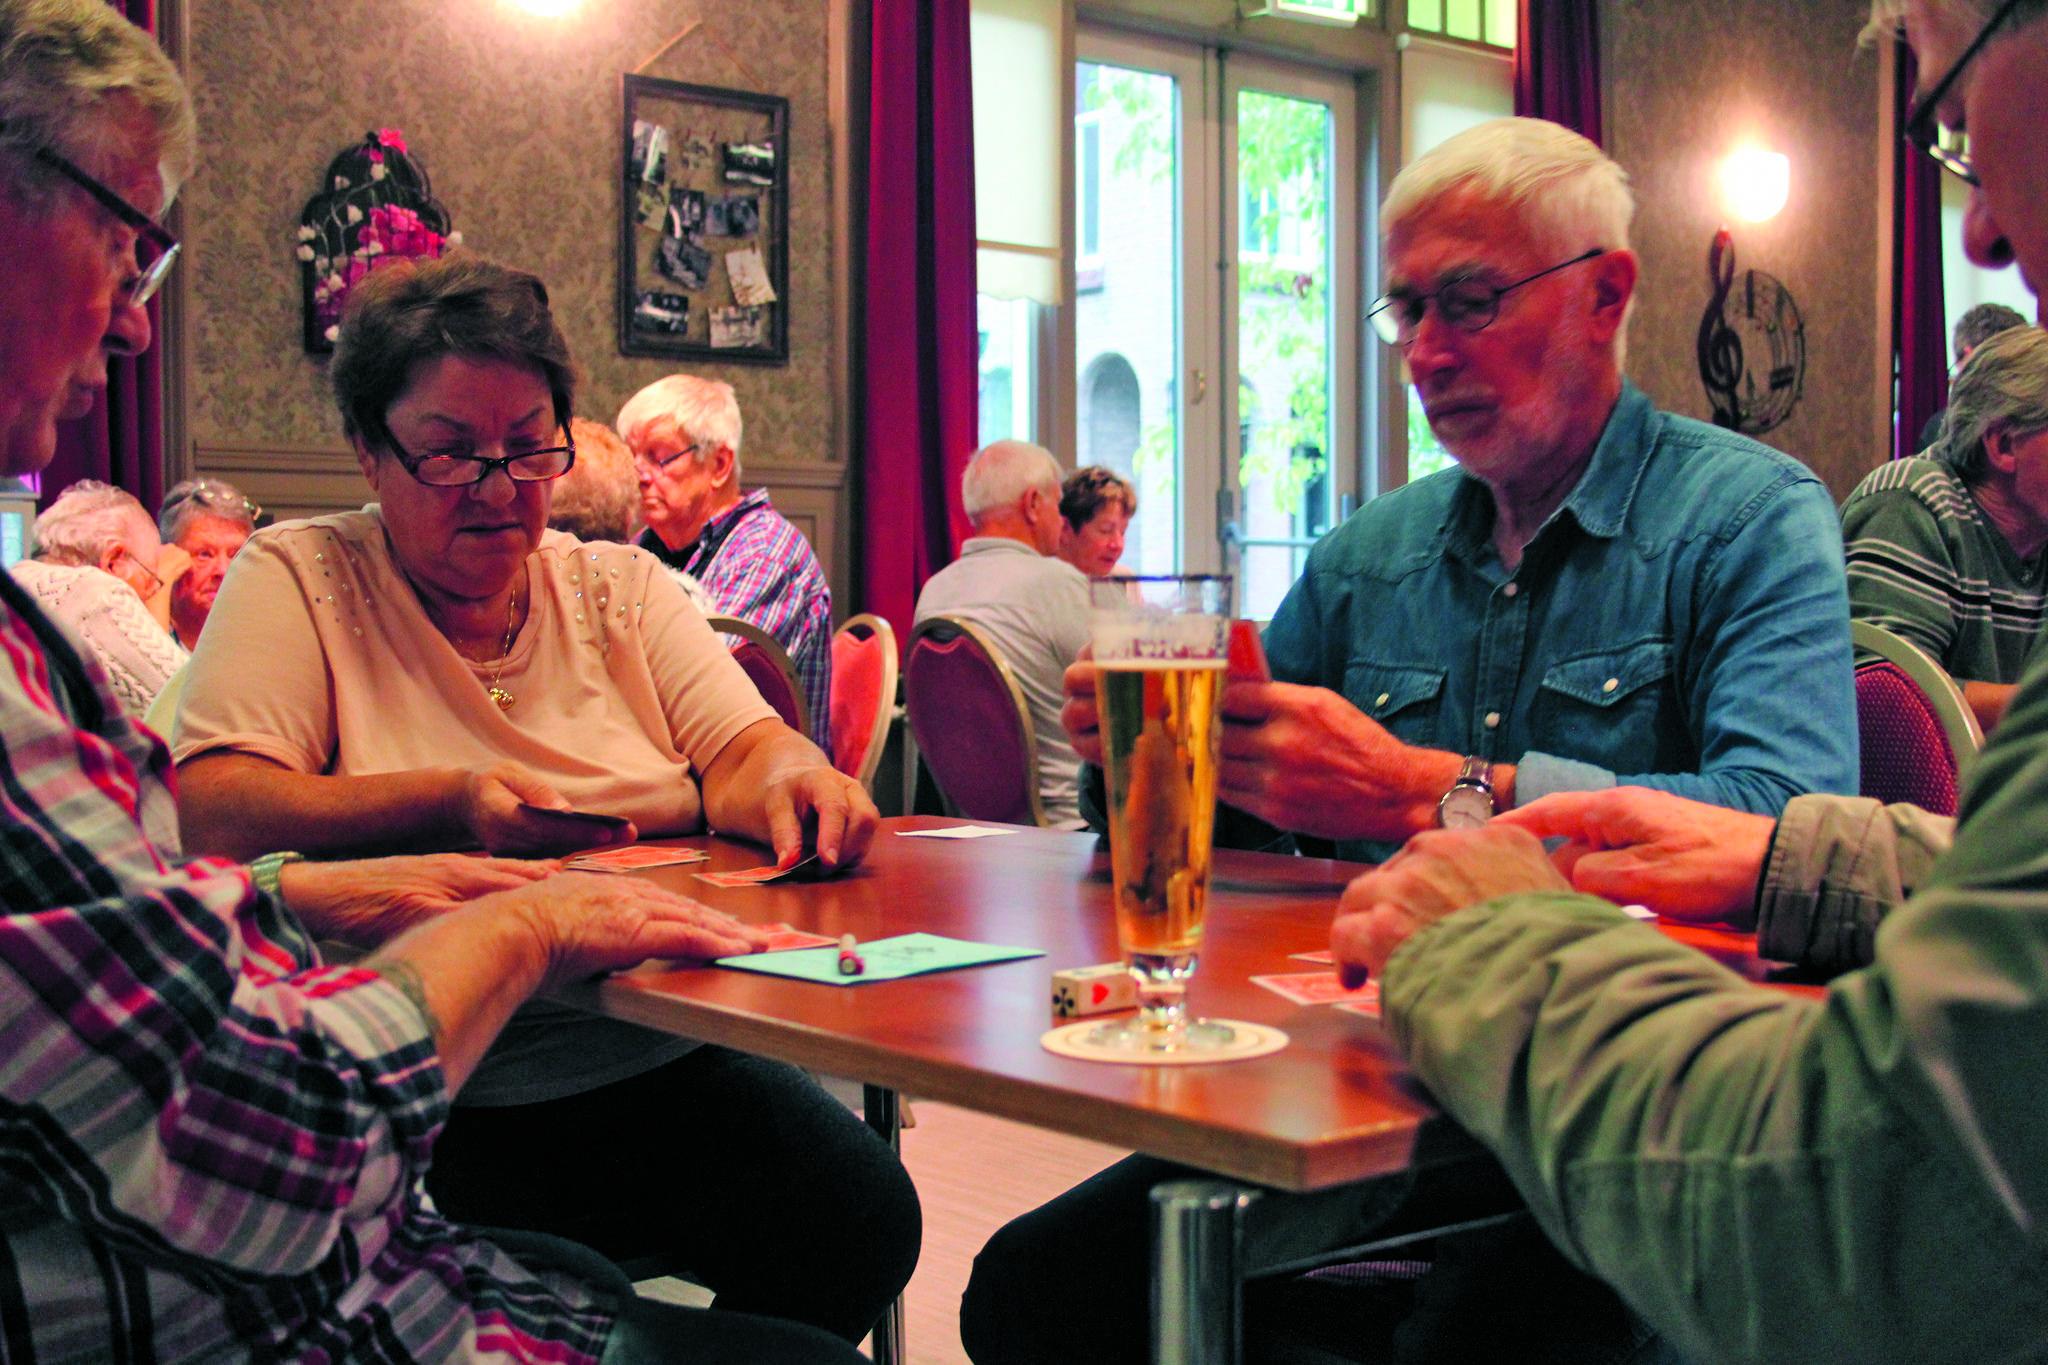 (Foto's (Rondom Fototeam) rodi.nl © rodi